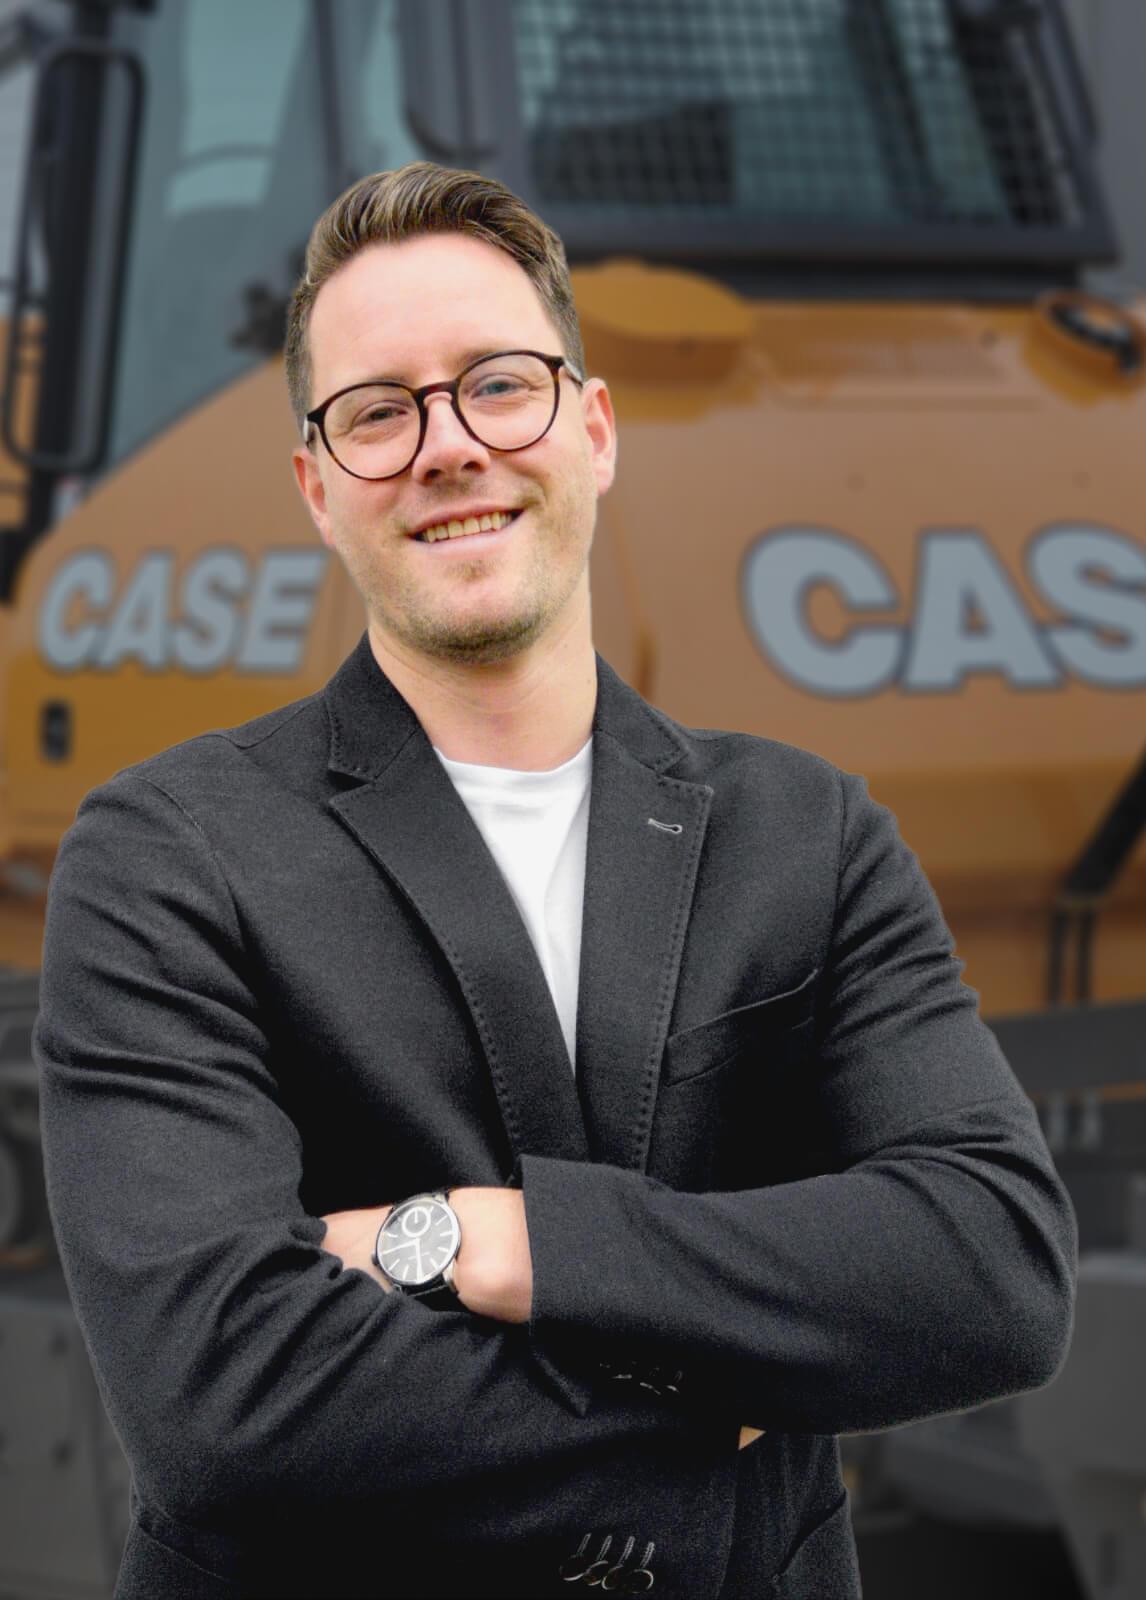 Stefan Stein, Vertriebsleiter für Case-Baumaschinen